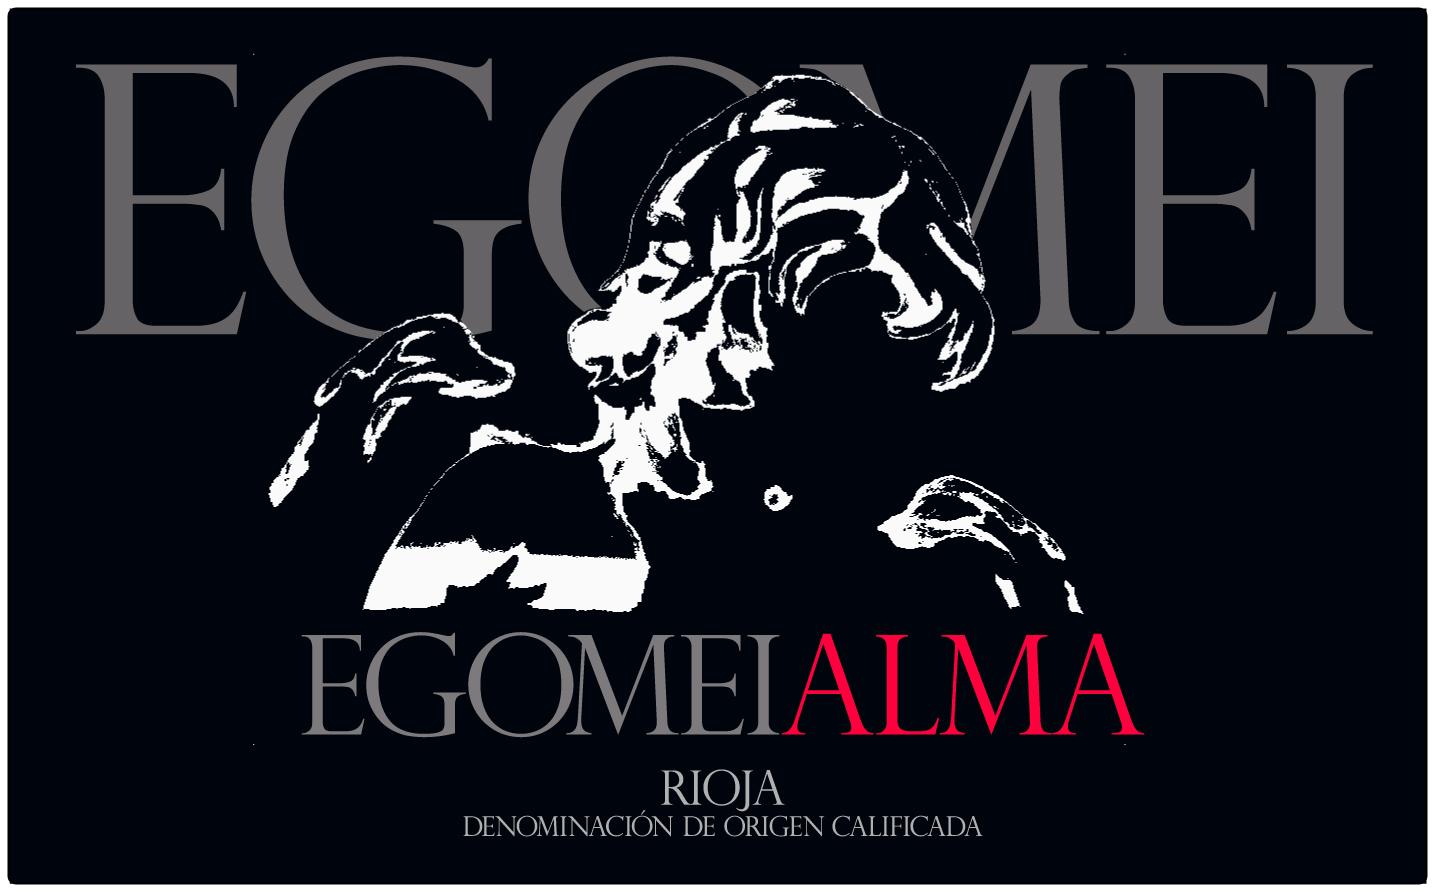 Egomei Alma